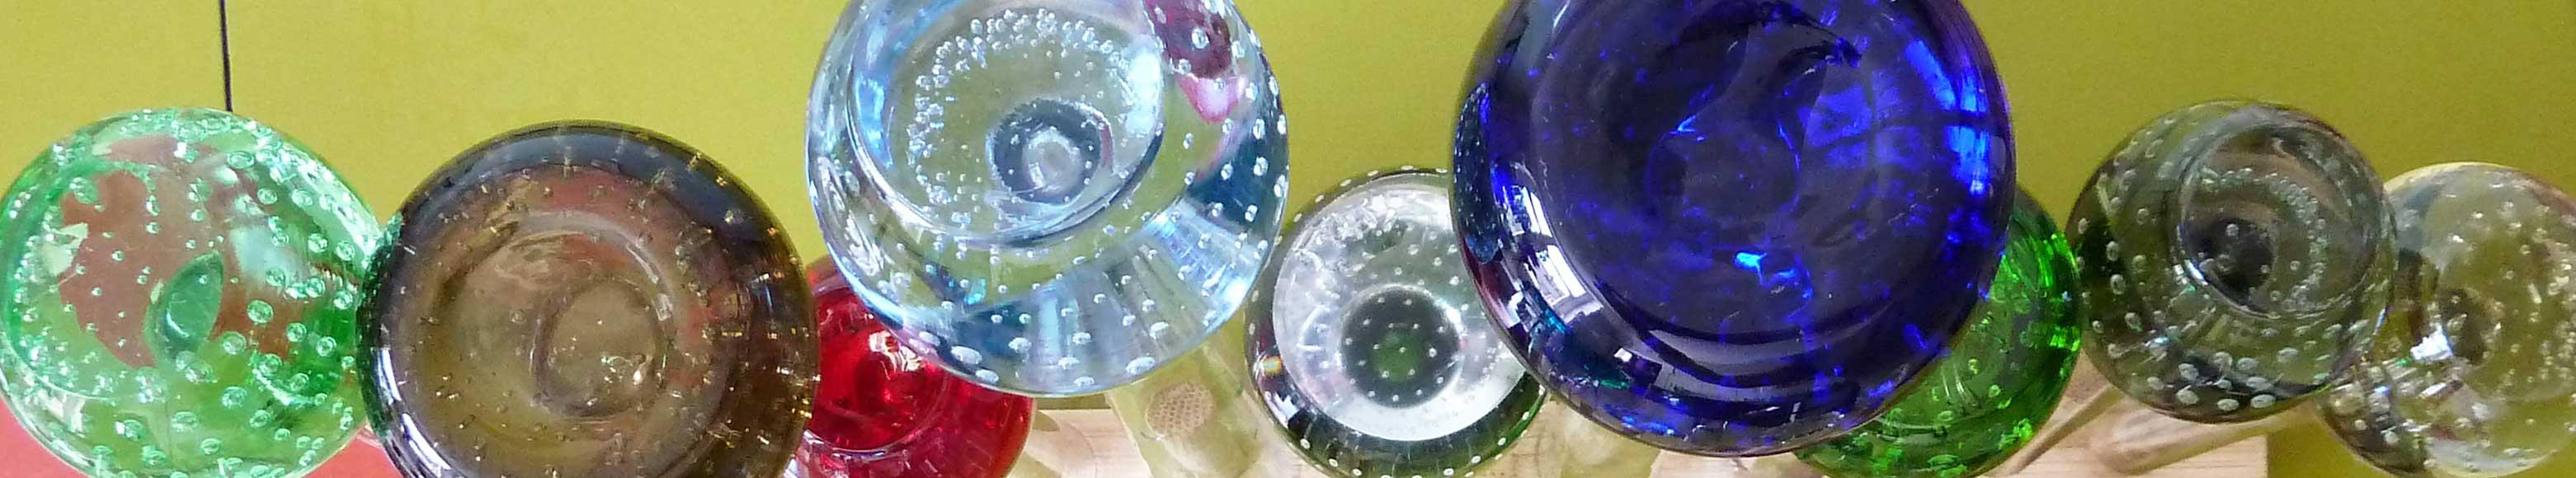 Kugel aus Glas mit Luftblasen